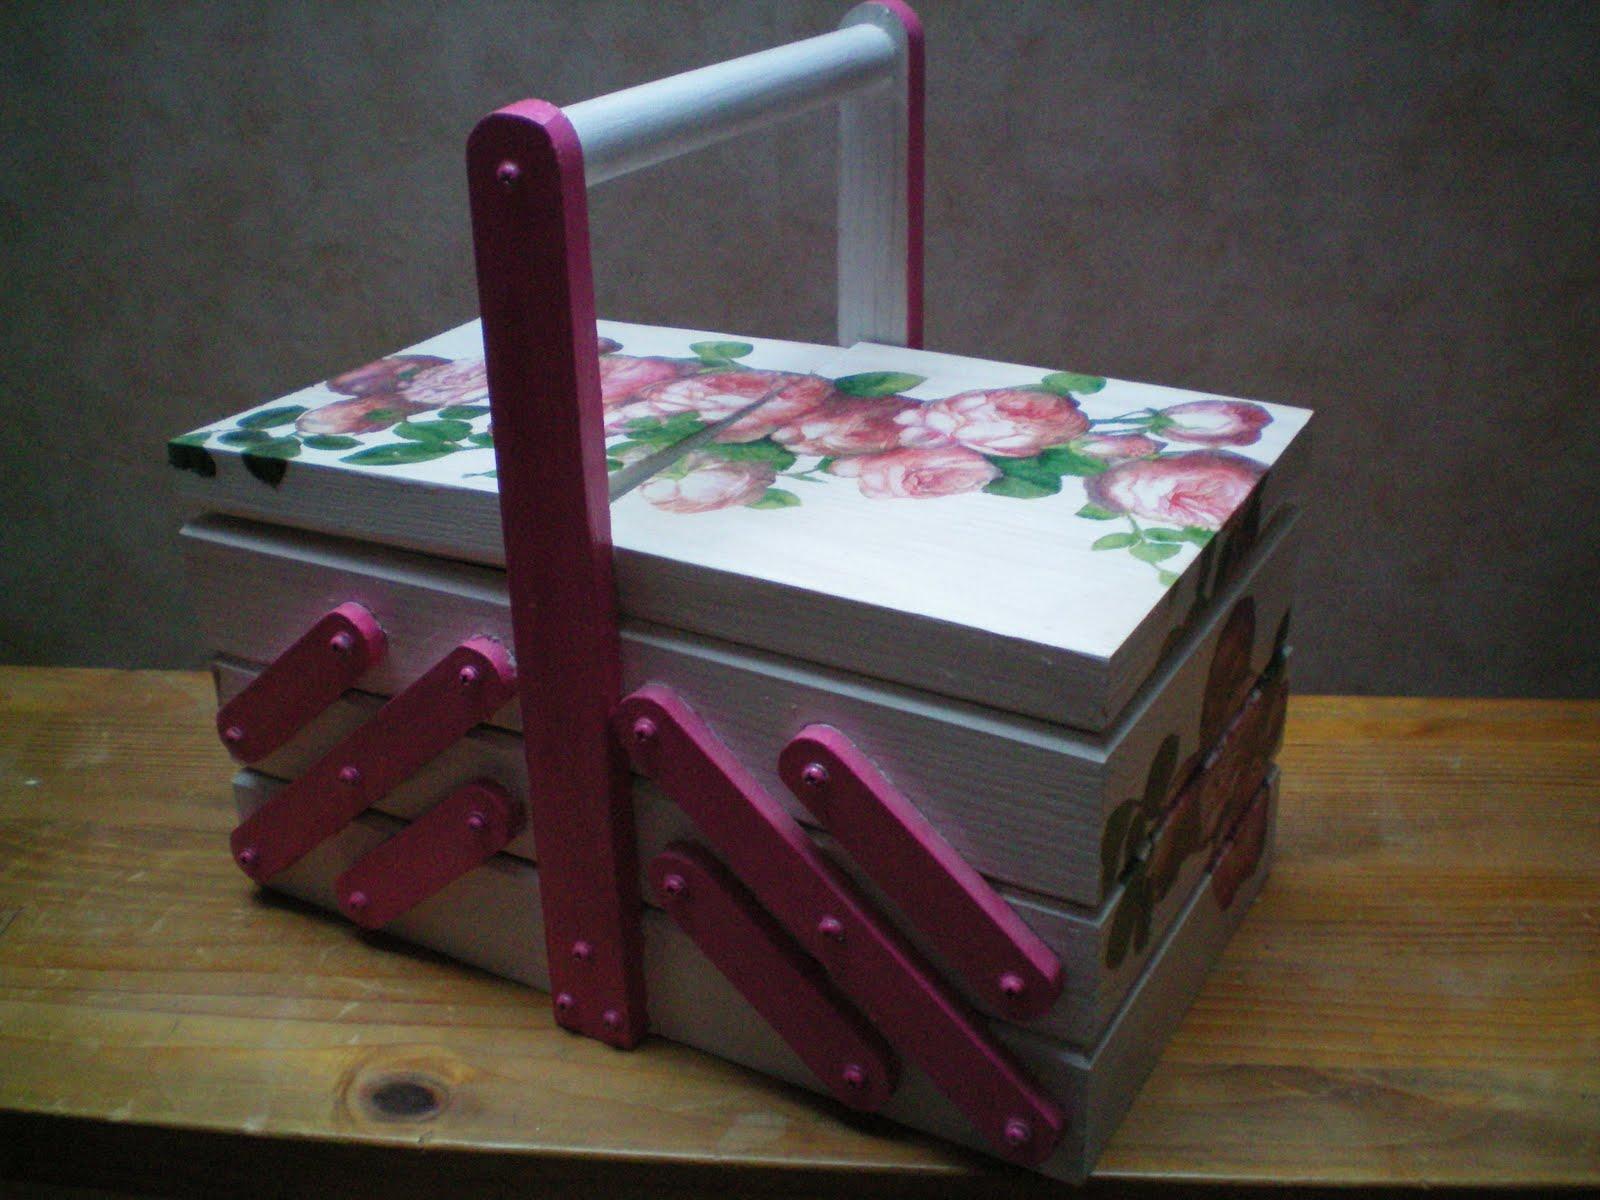 Les r cr ations de sofi une boite couture technique du for Acheter une boite a couture